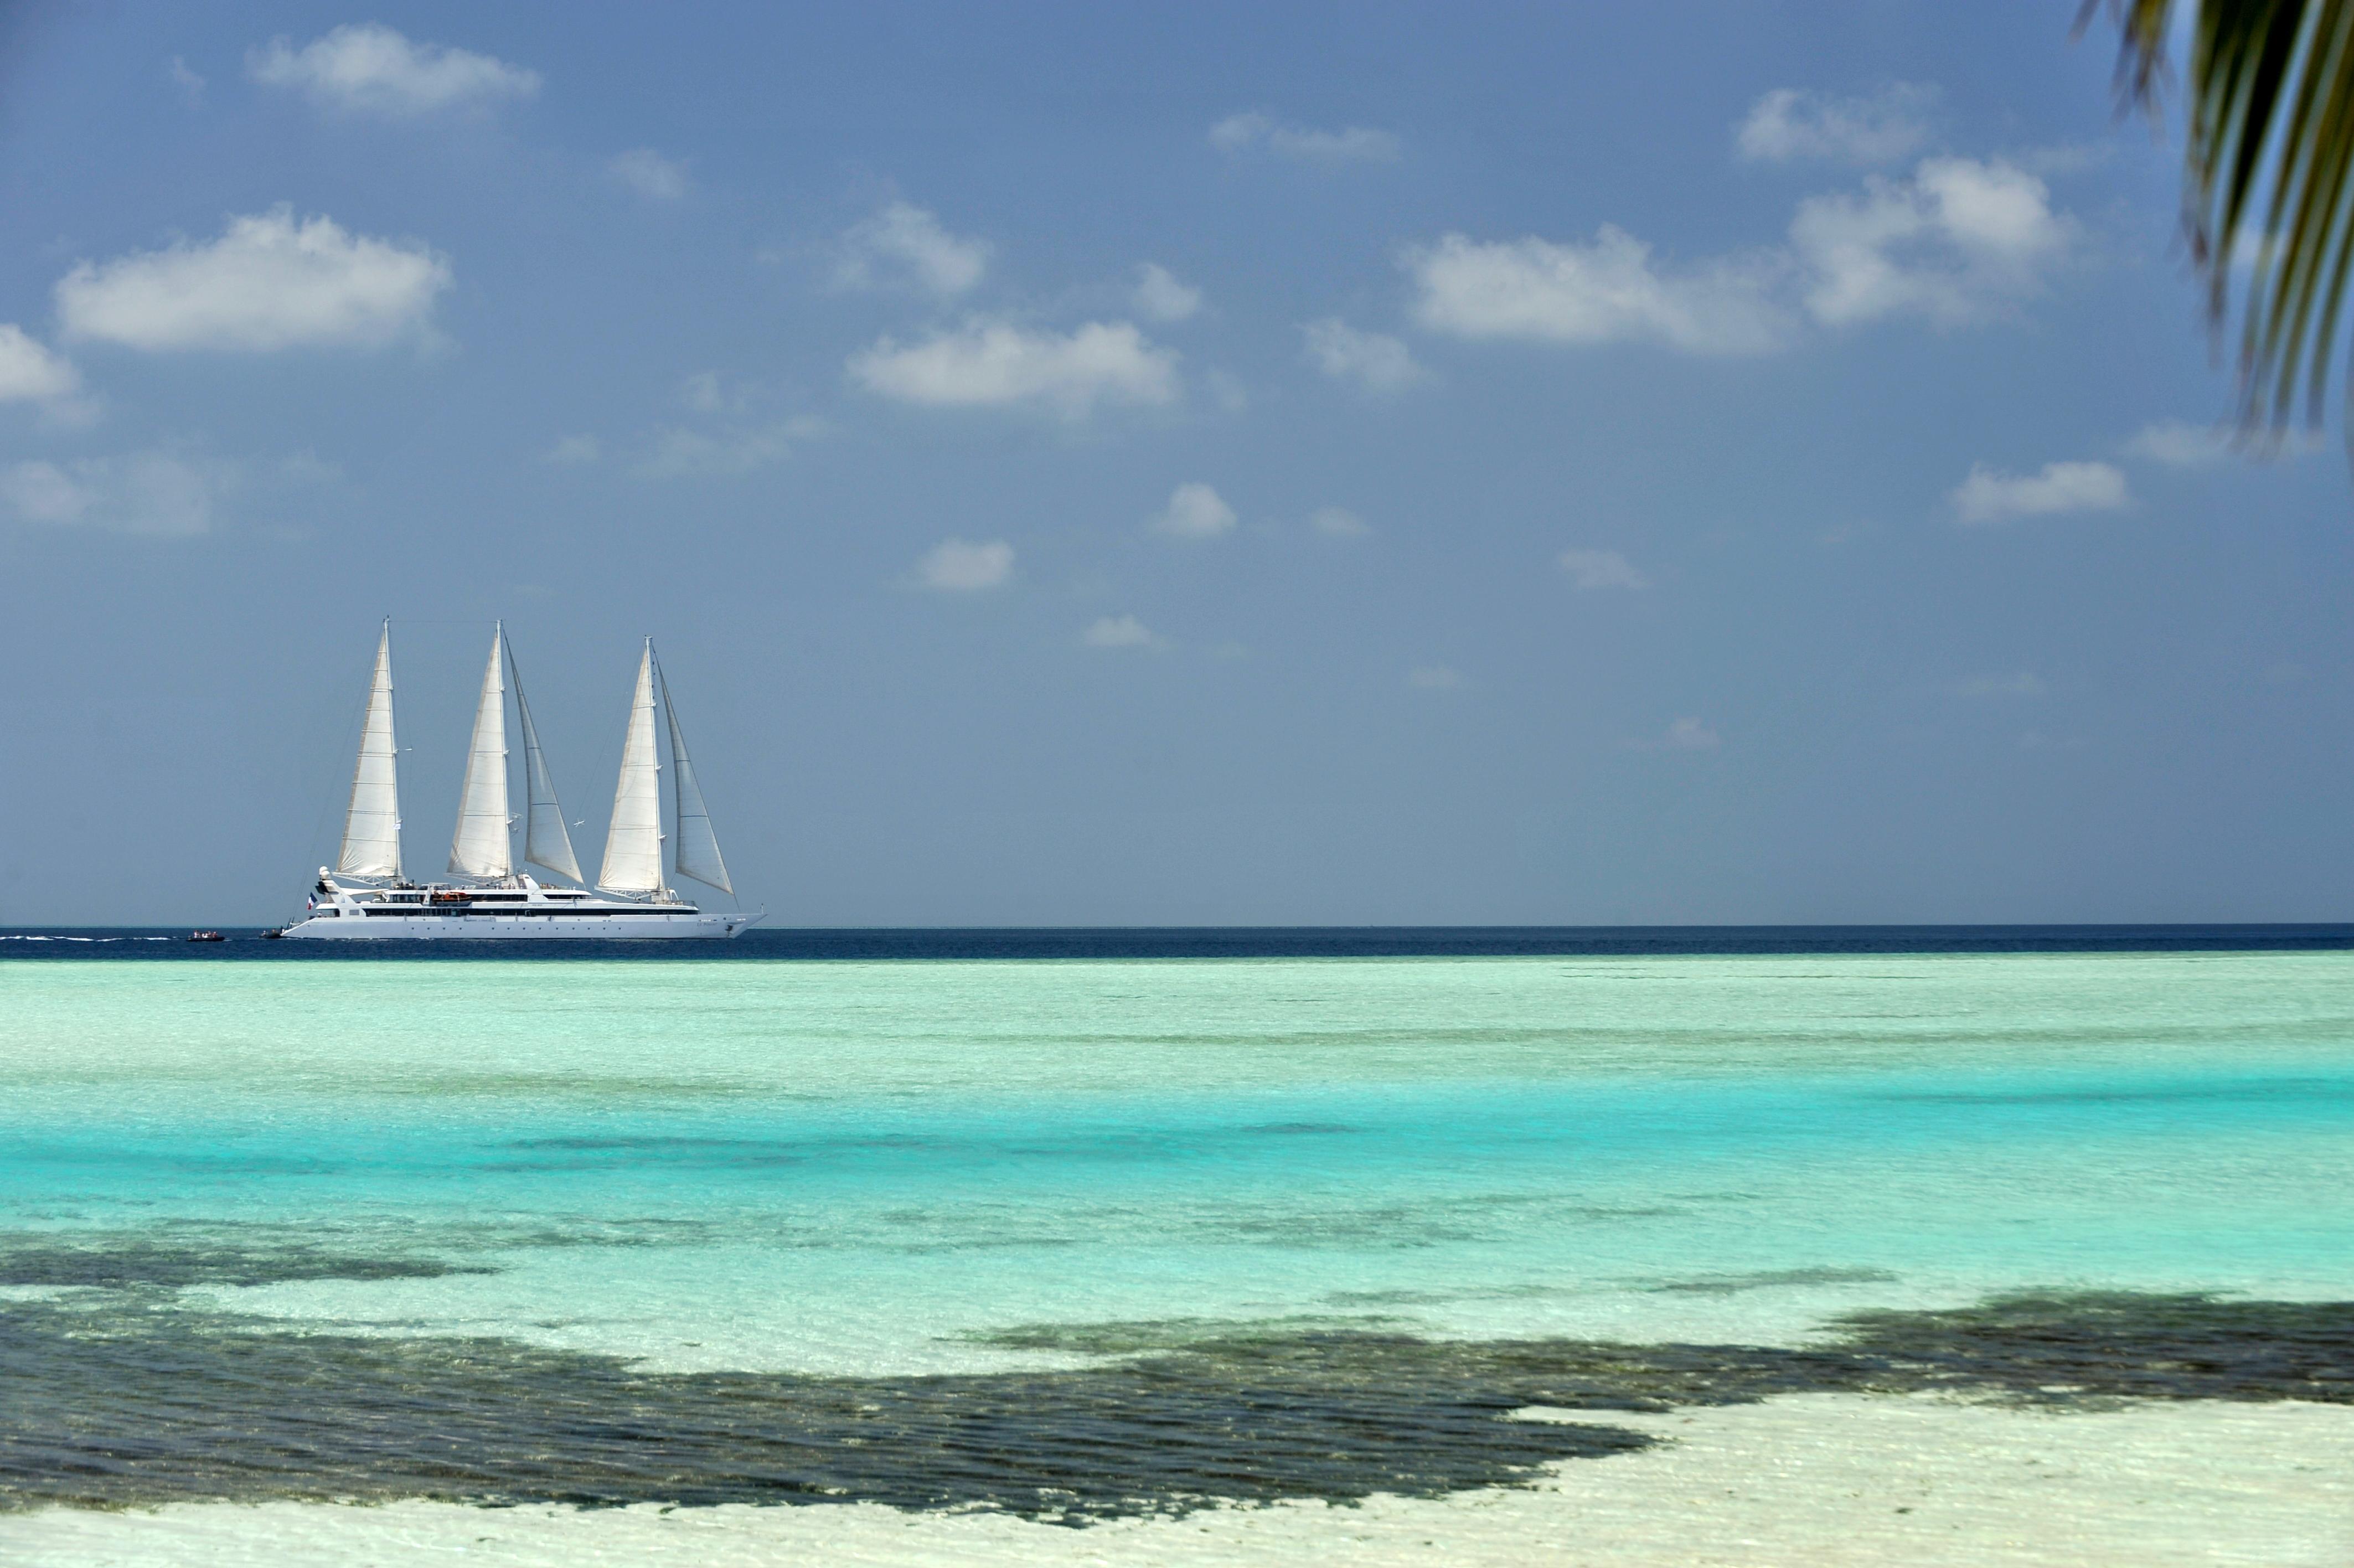 Le Ponant in the Maldives